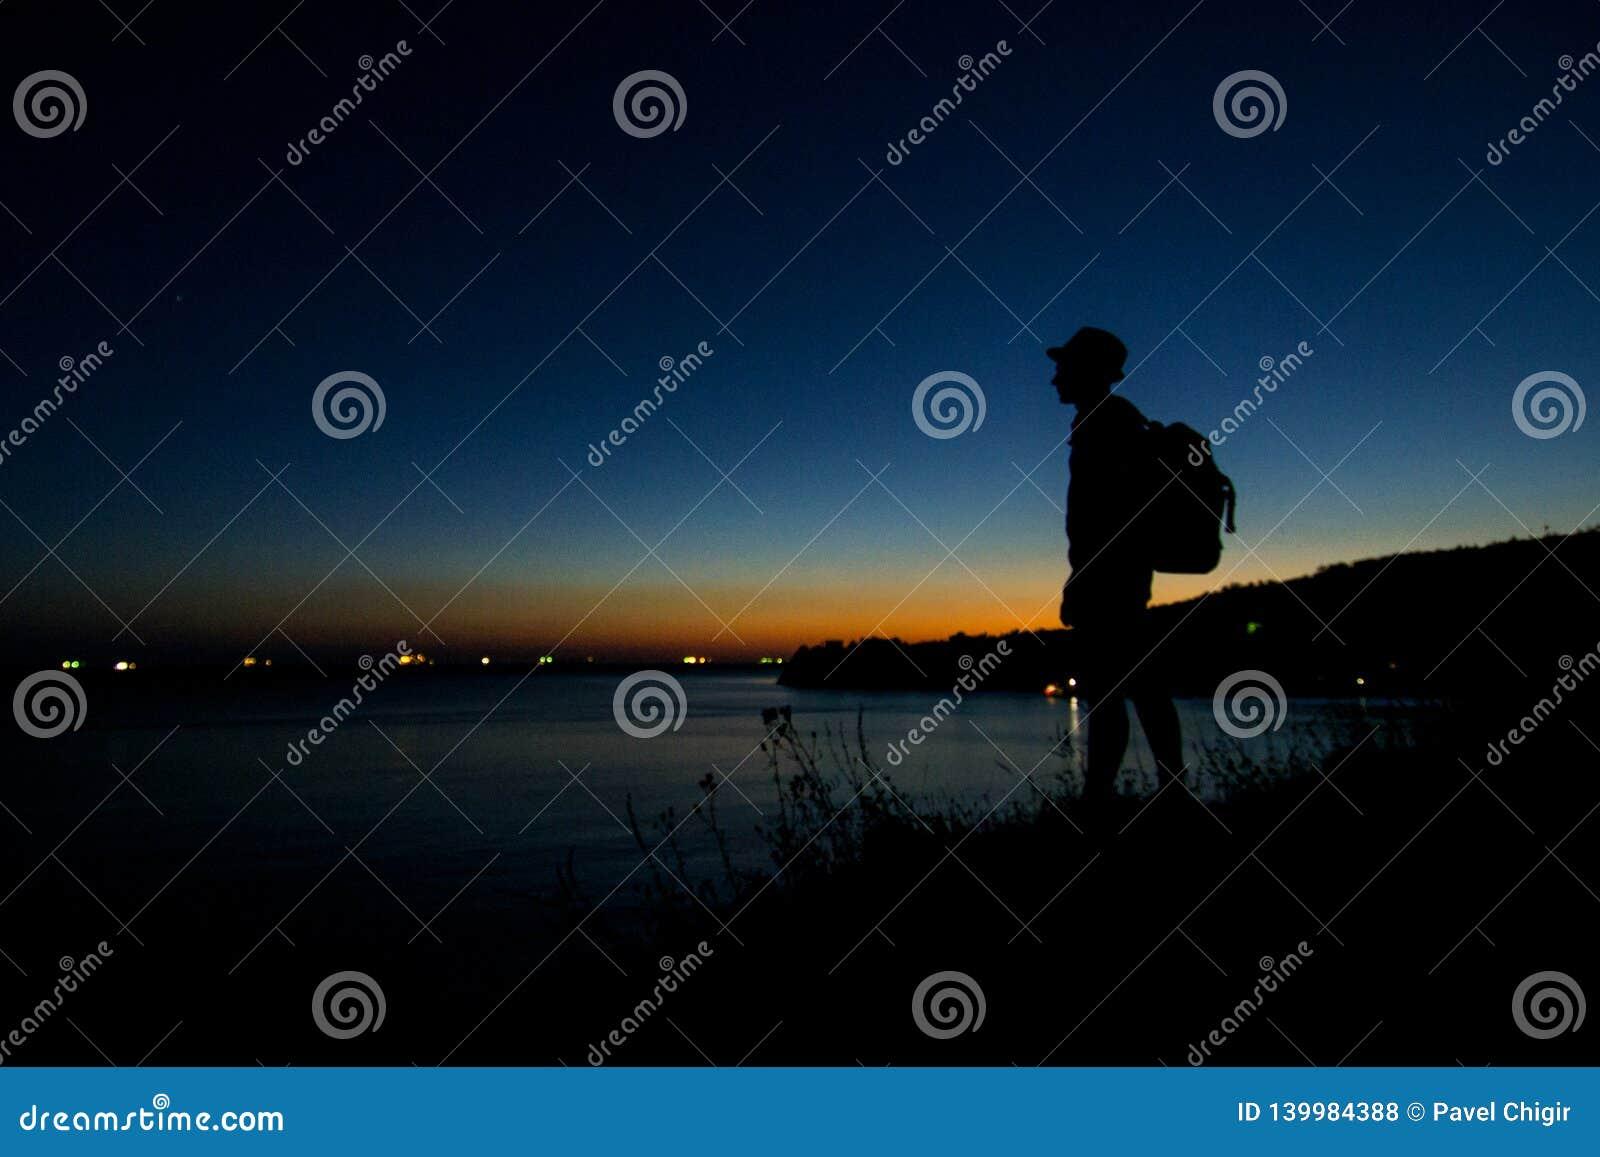 海滩,美丽,蓝色,云彩,海岸,黄昏,晚上,天际,海岛,风景,光,山,自然,海洋,桔子,岩石,ro